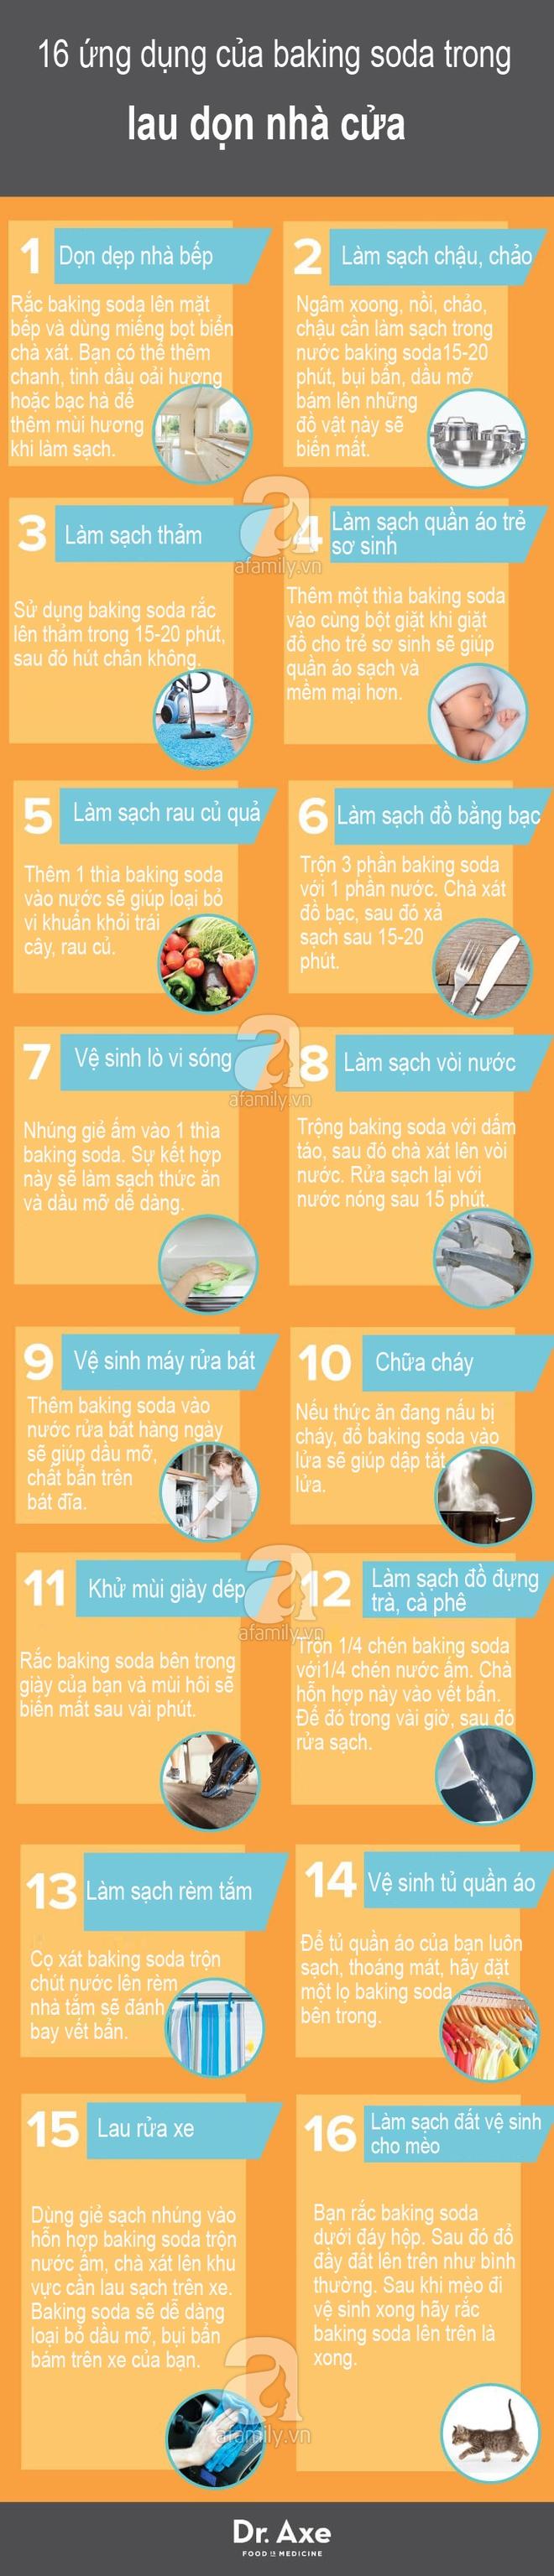 Đừng nghĩ baking soda chỉ là chất tẩy rửa thông thường, 16 tác dụng lau dọn nhà của chúng sẽ khiến bạn tròn con mắt - Ảnh 1.